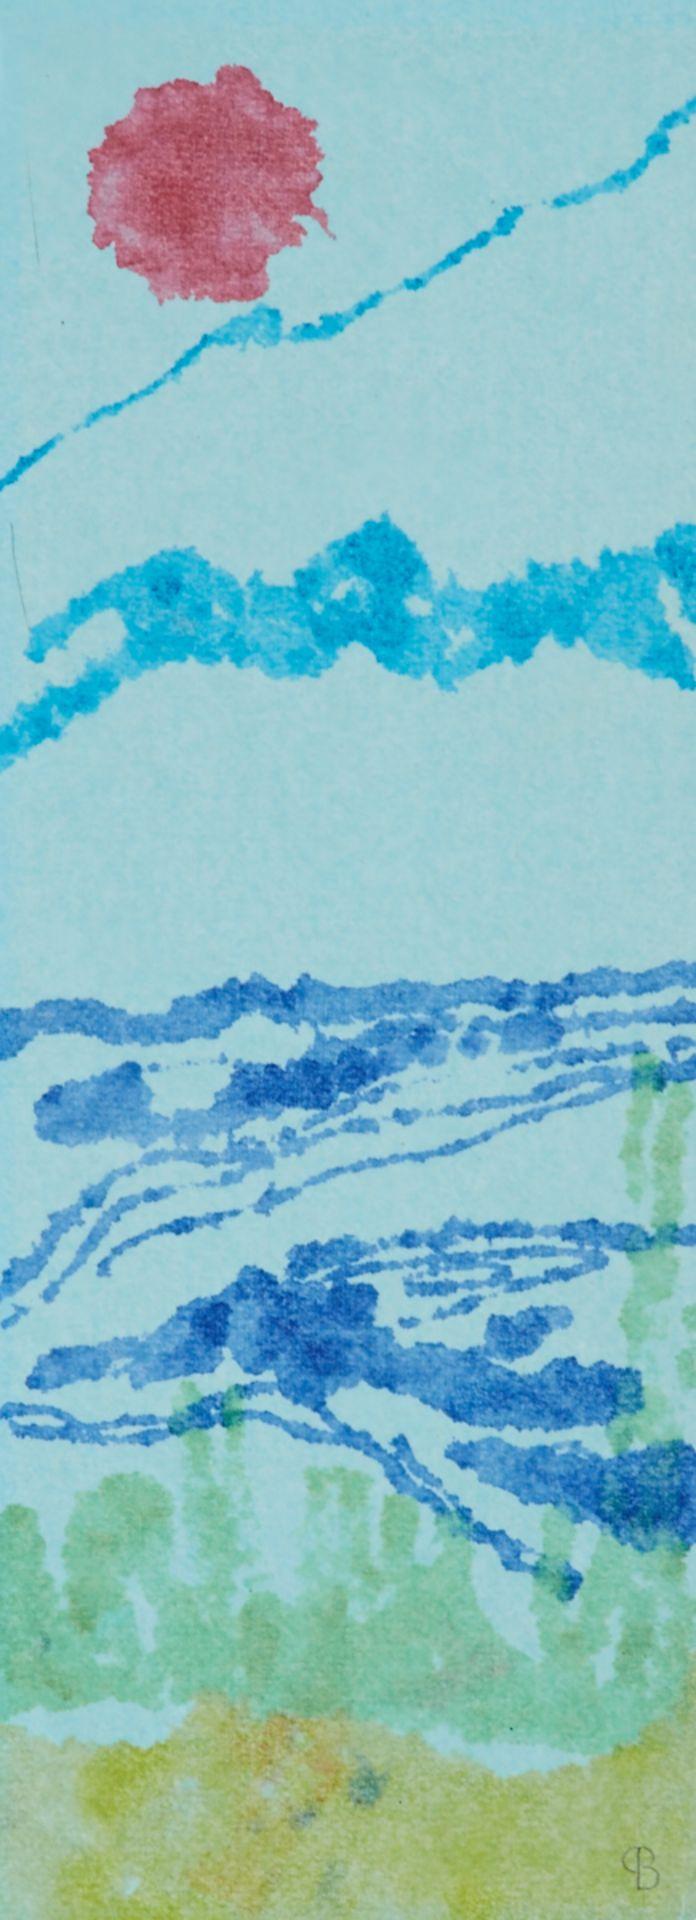 Sammlung - - Image 16 of 17